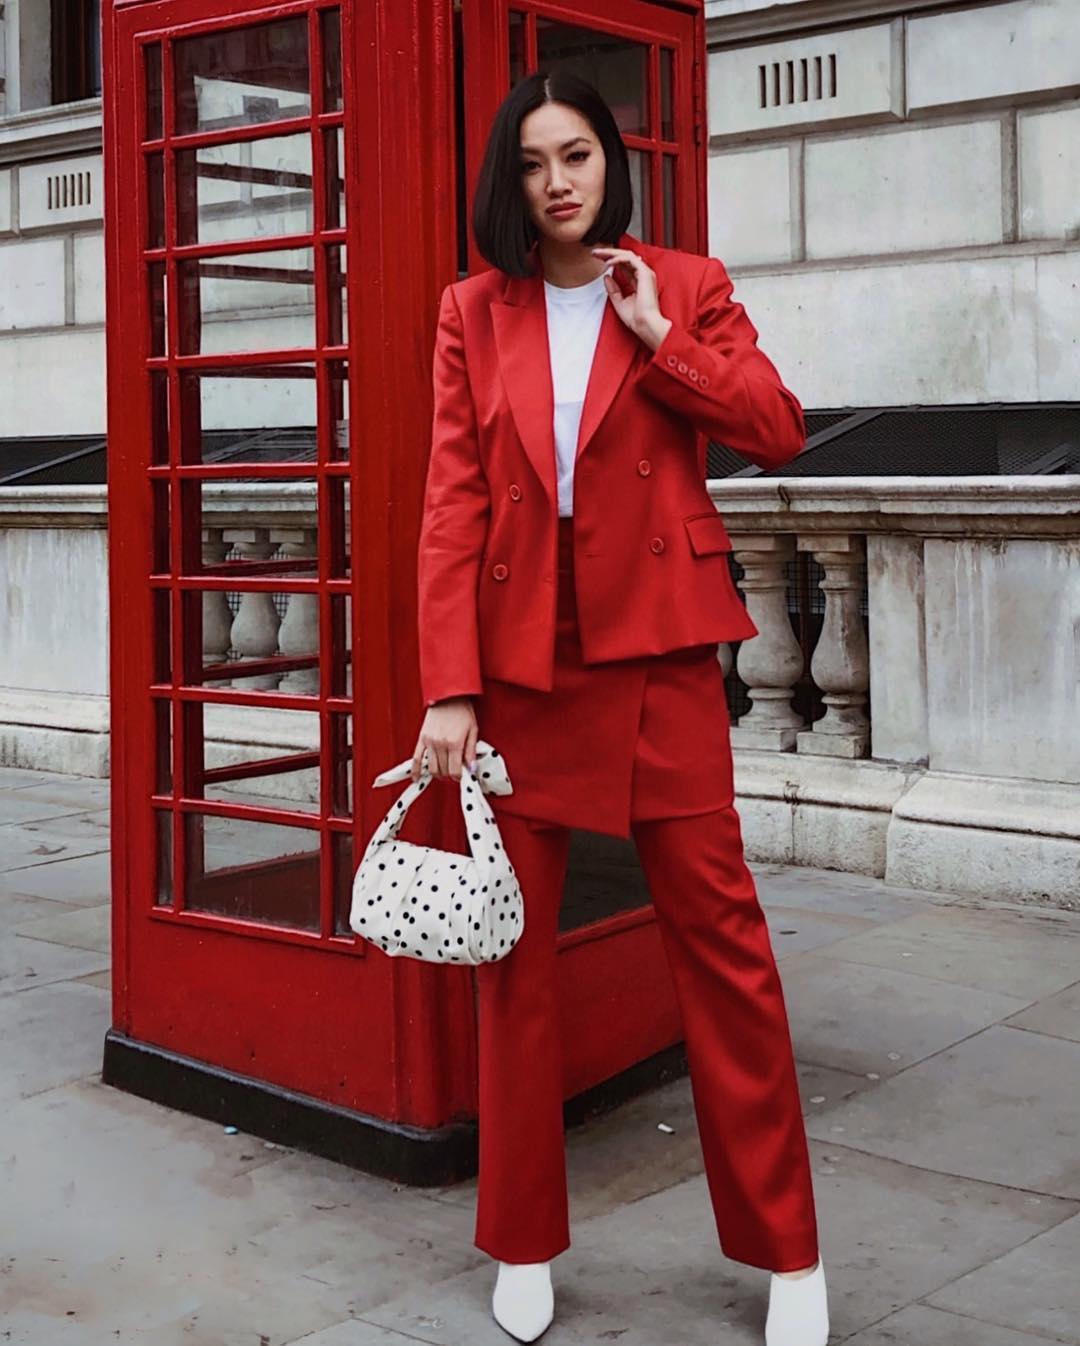 Cách phối màu đỏ trong bộ trang phục sao cho phù hợp